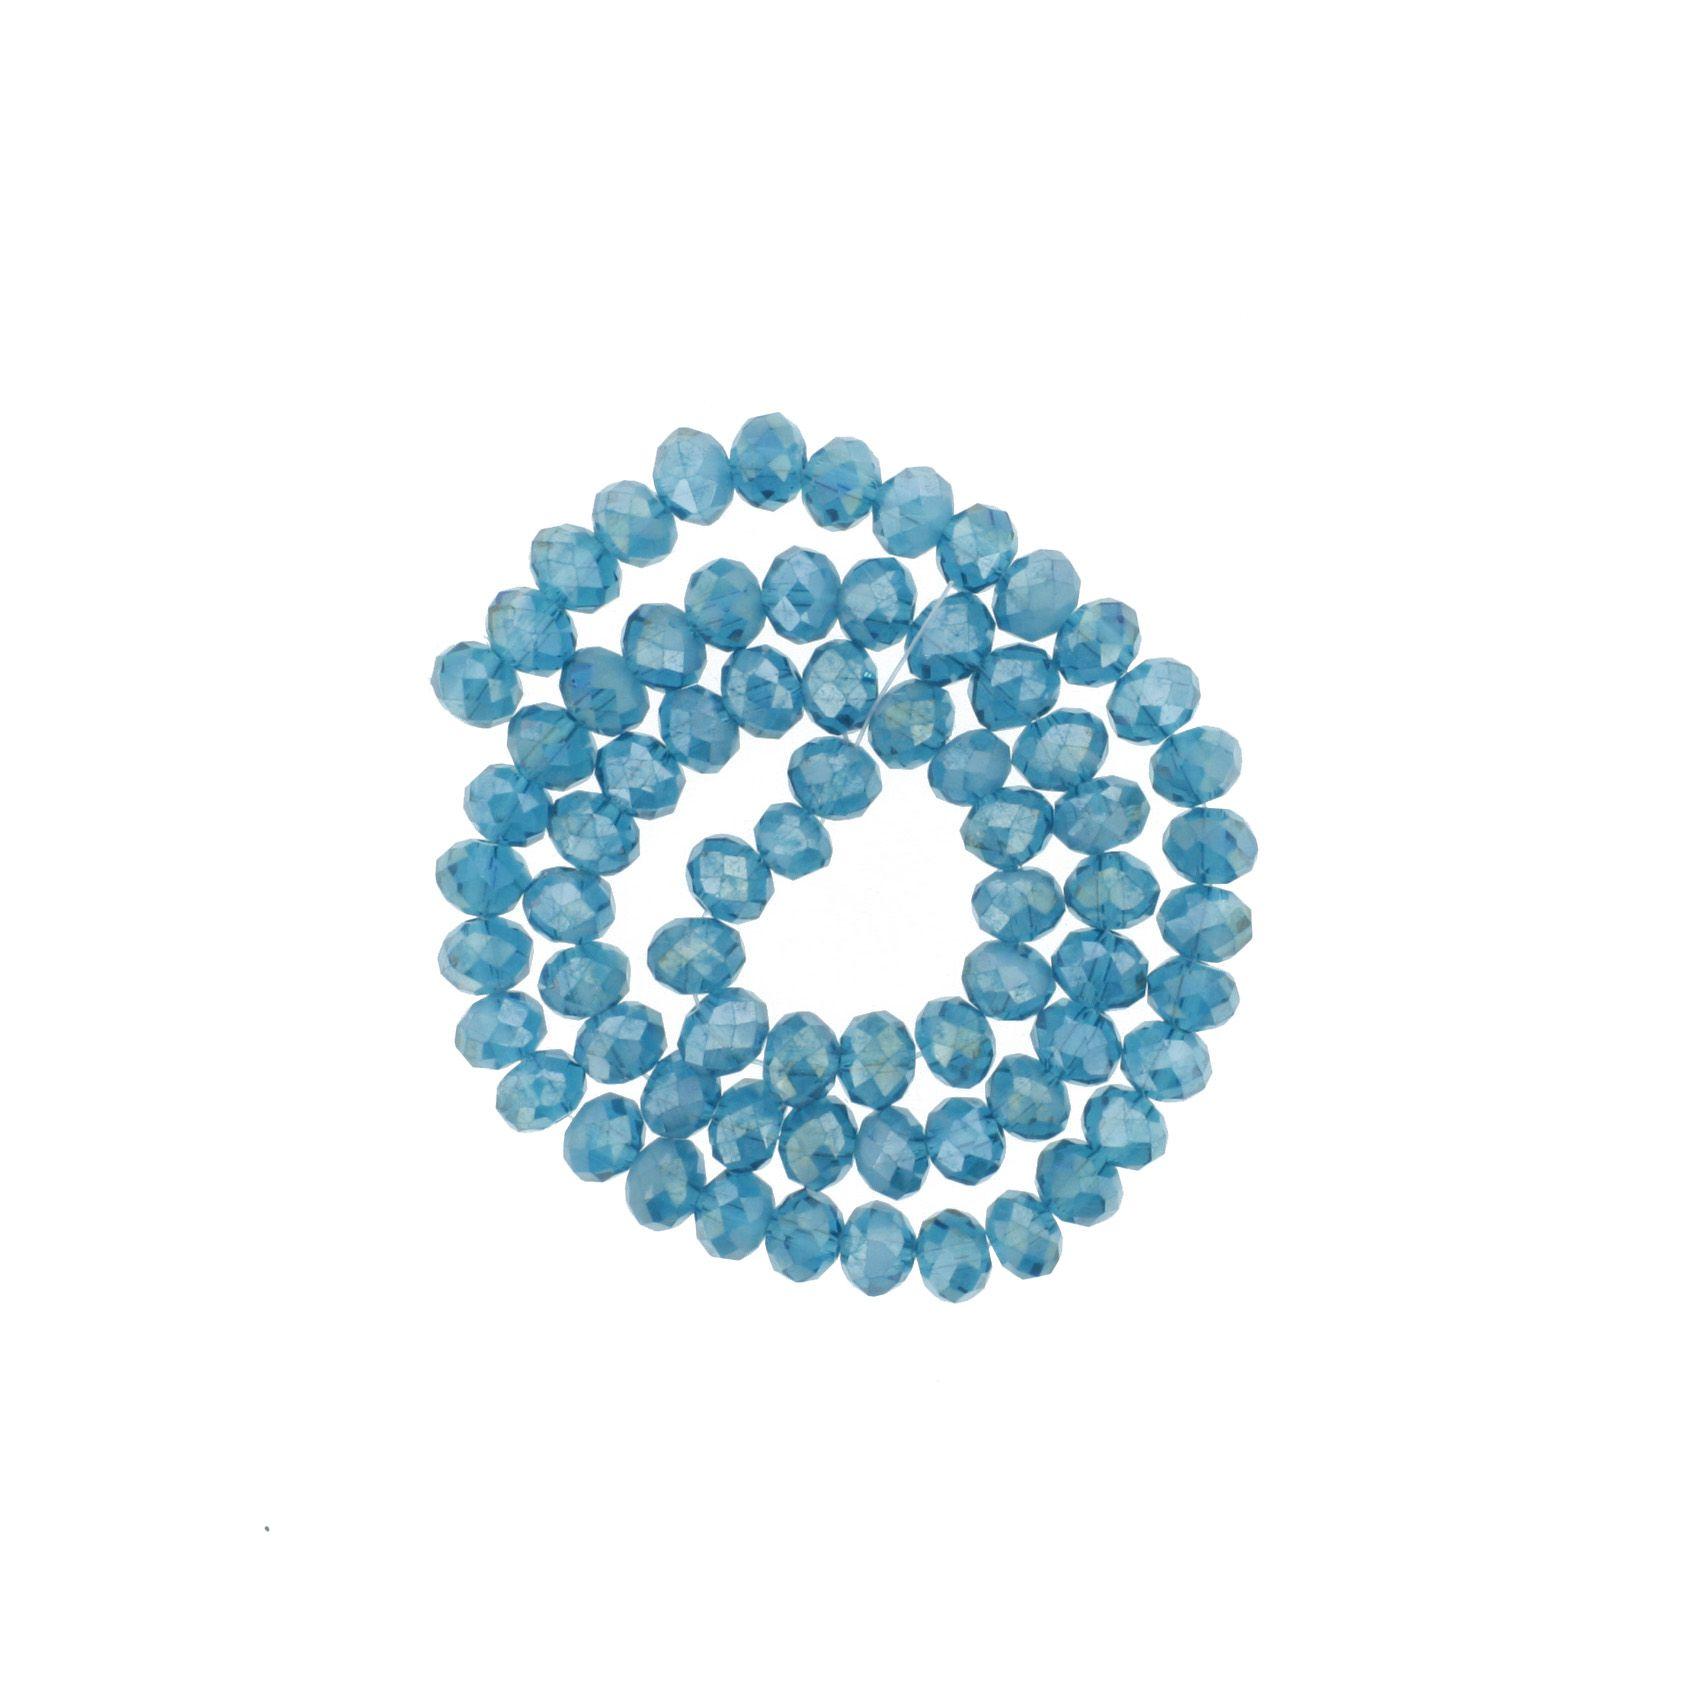 Fio de Cristal - Flat® - Aquamarine Irizado - 8mm  - Stéphanie Bijoux® - Peças para Bijuterias e Artesanato